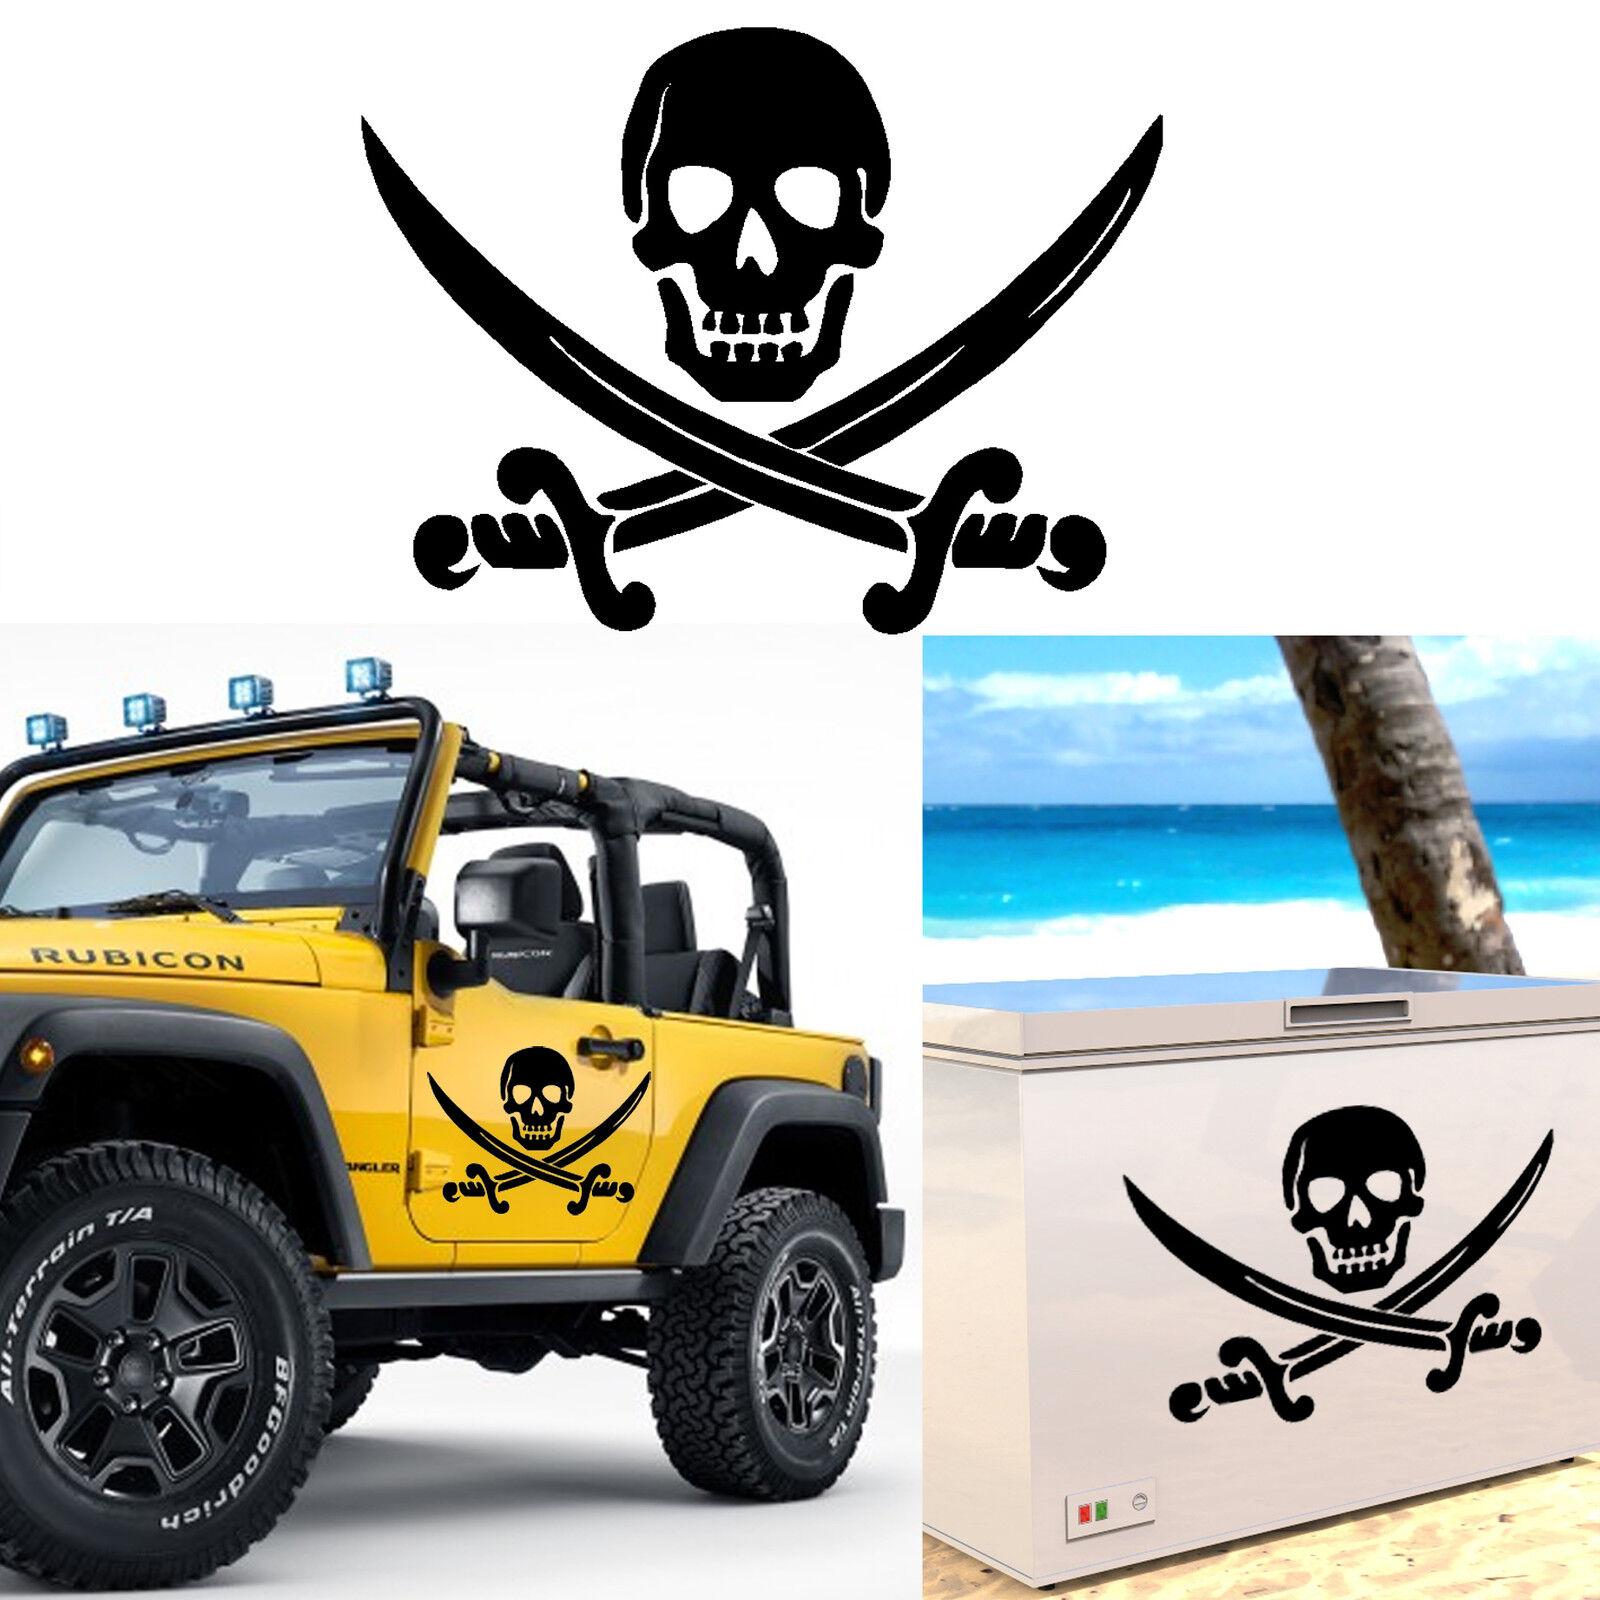 Immagini Di Teschio Pirati dettagli su adesivo vinile taglio teschio pirata. per esterno o interior.  pirate skull